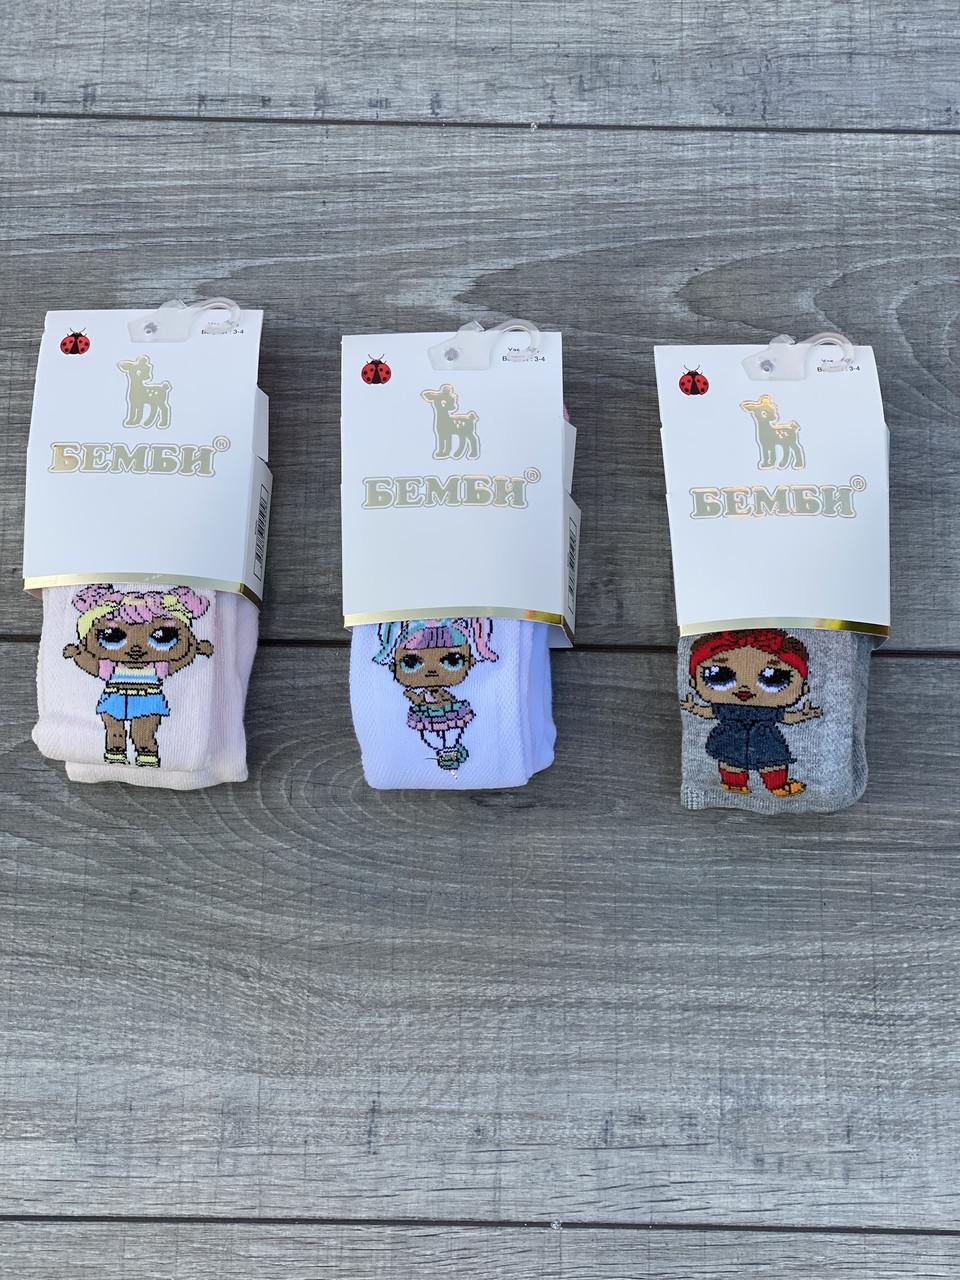 Дитячі колготи бавовна Бембі з ляльками Лол для дівчаток 1-2 років 6 шт в уп мікс 3х кольорів